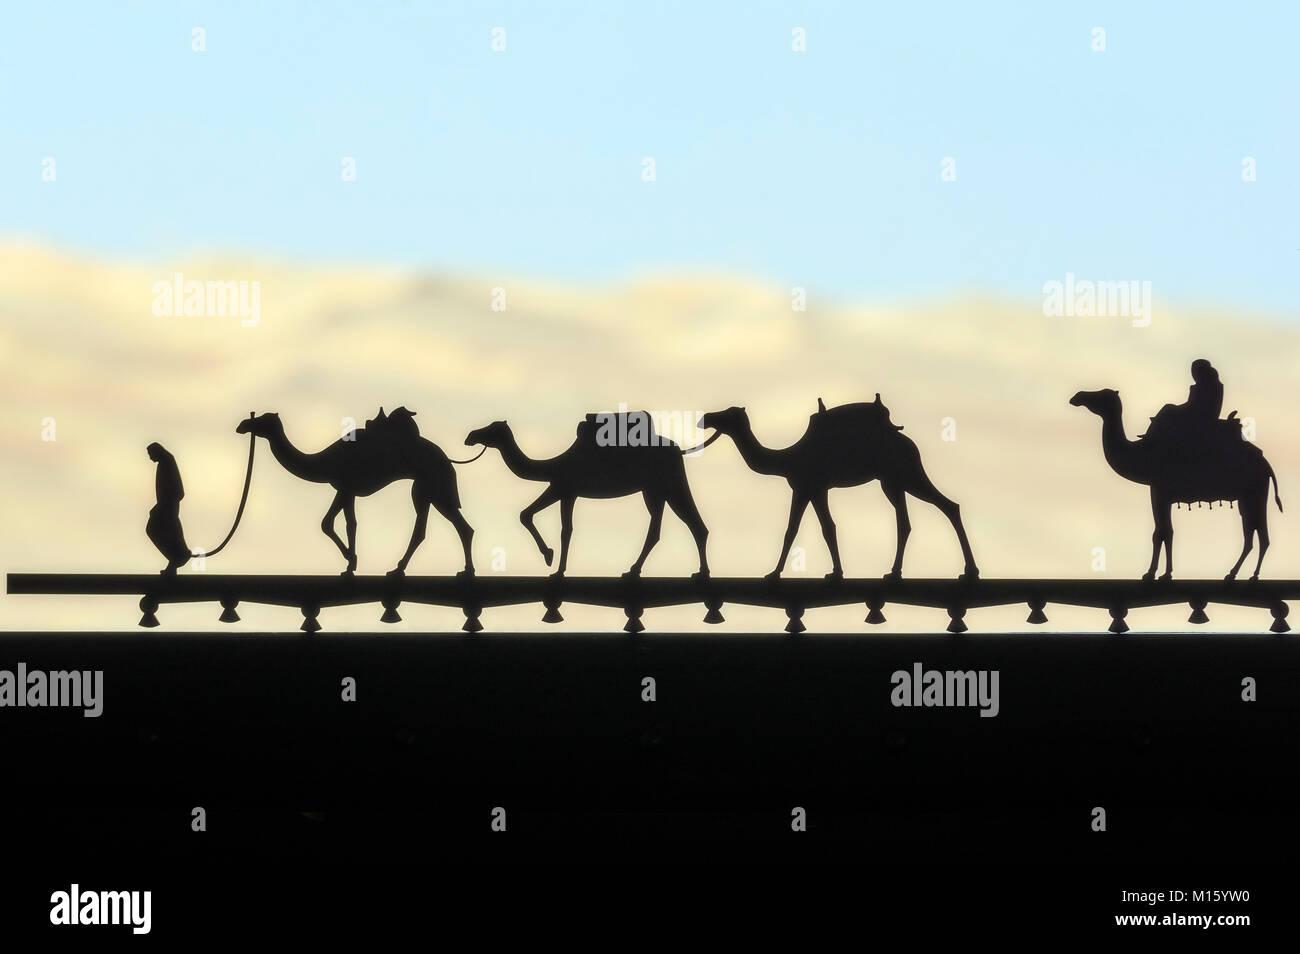 Camels as decoration on window,near Abu Dhabi,United Arab Emirates,Middle East - Stock Image